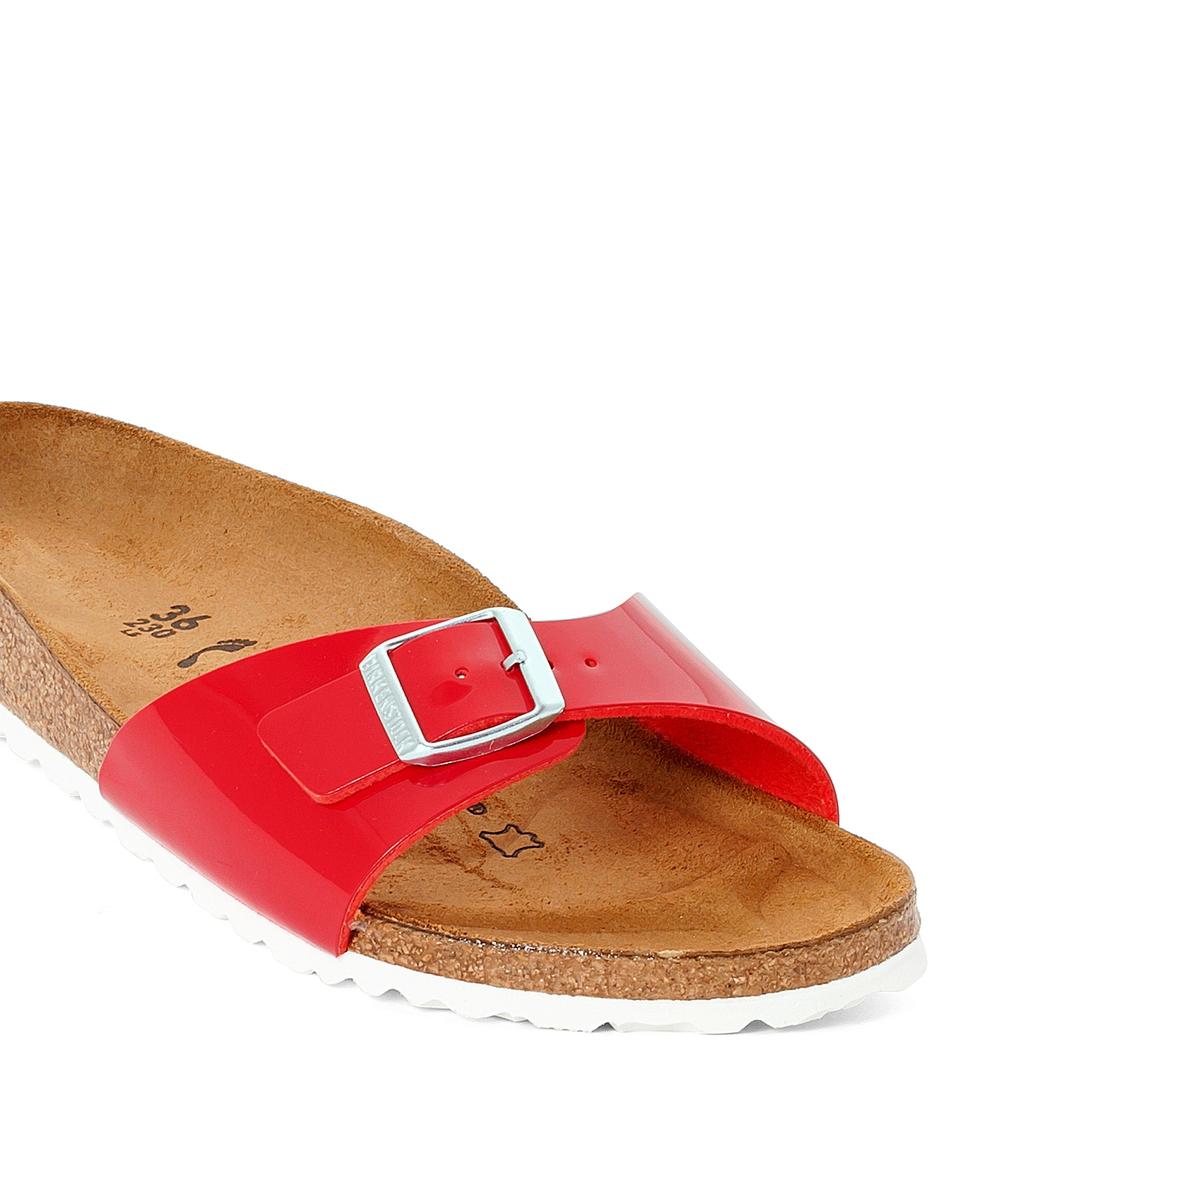 Туфли без задника синтетическиеДетали   •  Вьетнамки •  Застежка : без застежки •  Открытый мысокСостав и уход   •  Верх 100% синтетический материал •  Подкладка 100% текстиль •  Стелька 100% кожа •  Подошва 100% ЭВА<br><br>Цвет: красный лак